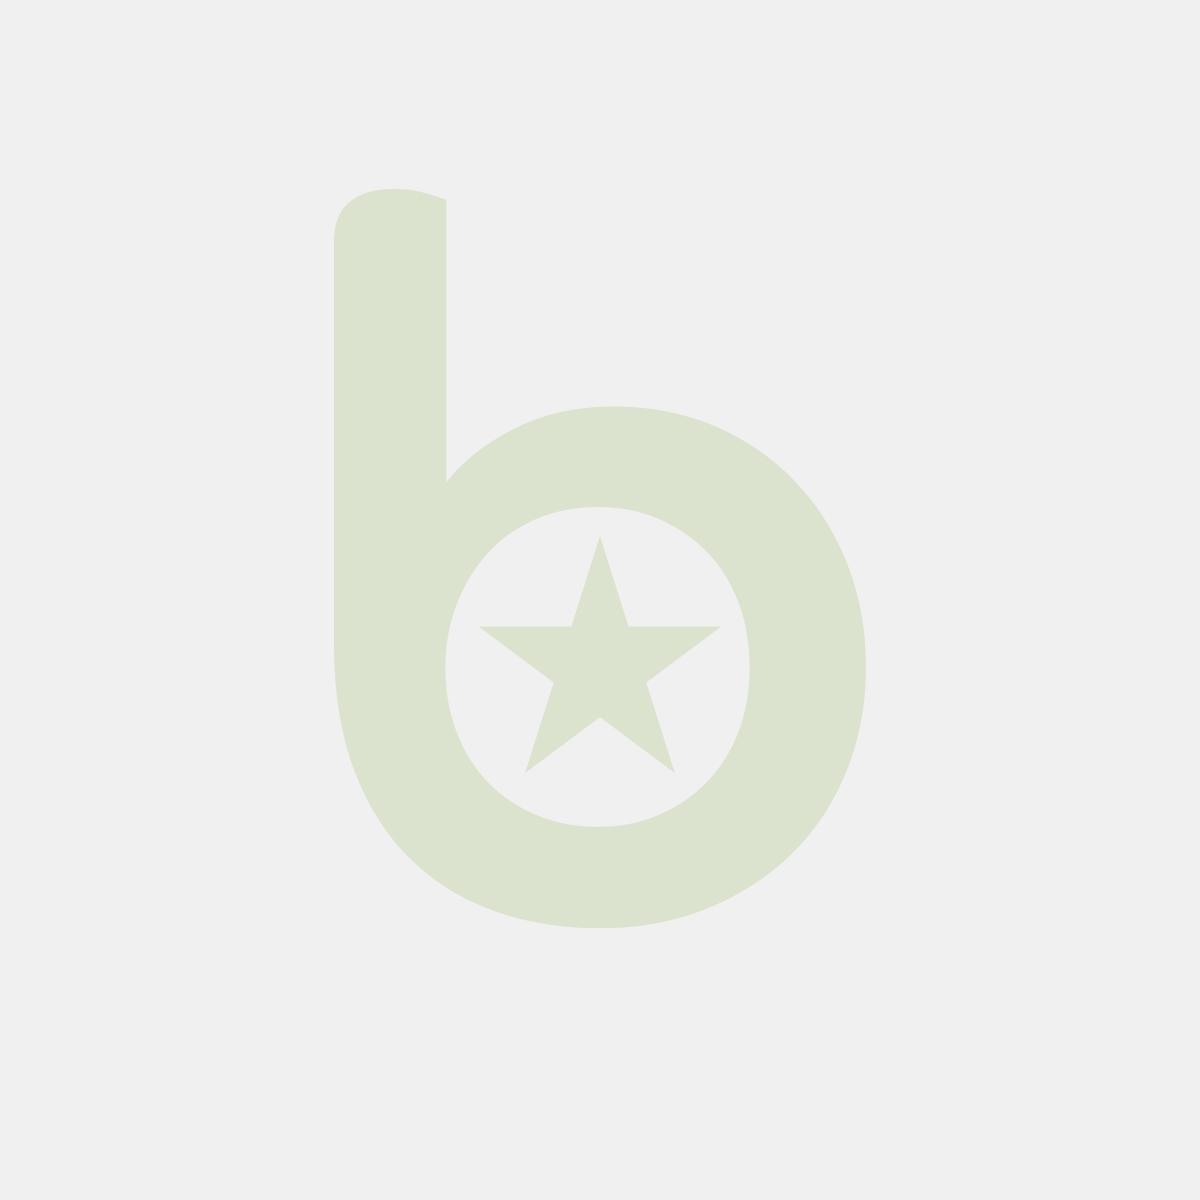 Cienkopis SCHNEIDER Line-Up, 0,4mm, oliwkowy